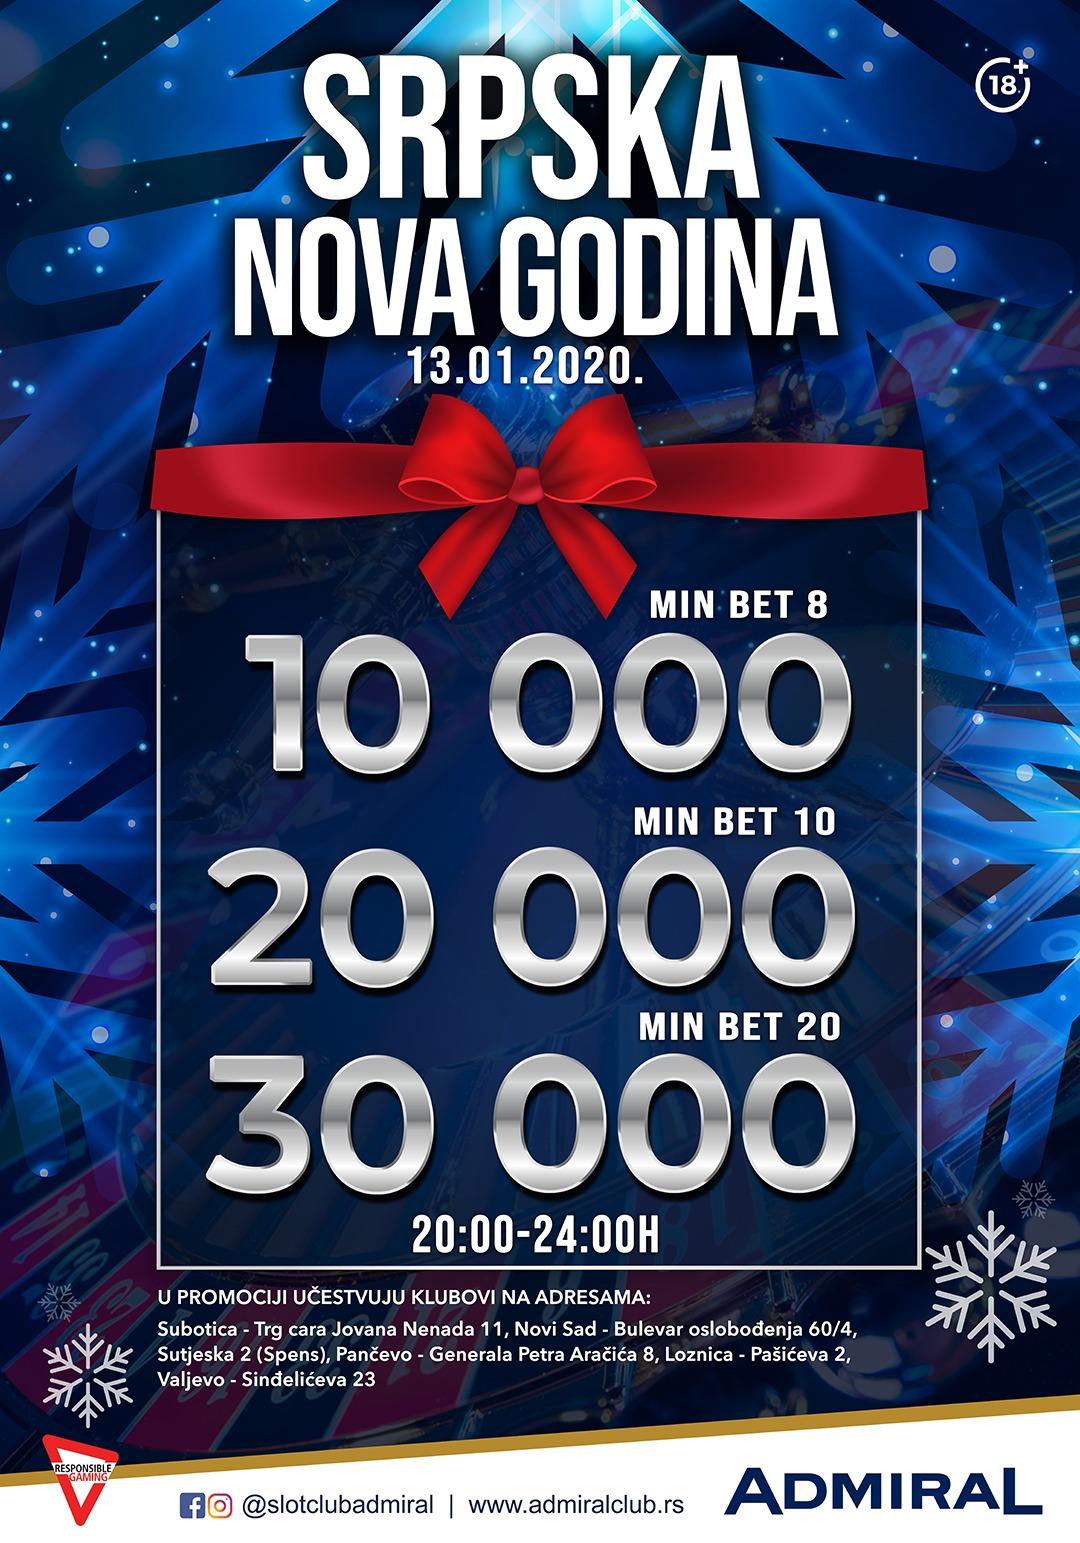 Srpska nova godina 3 – pancevo